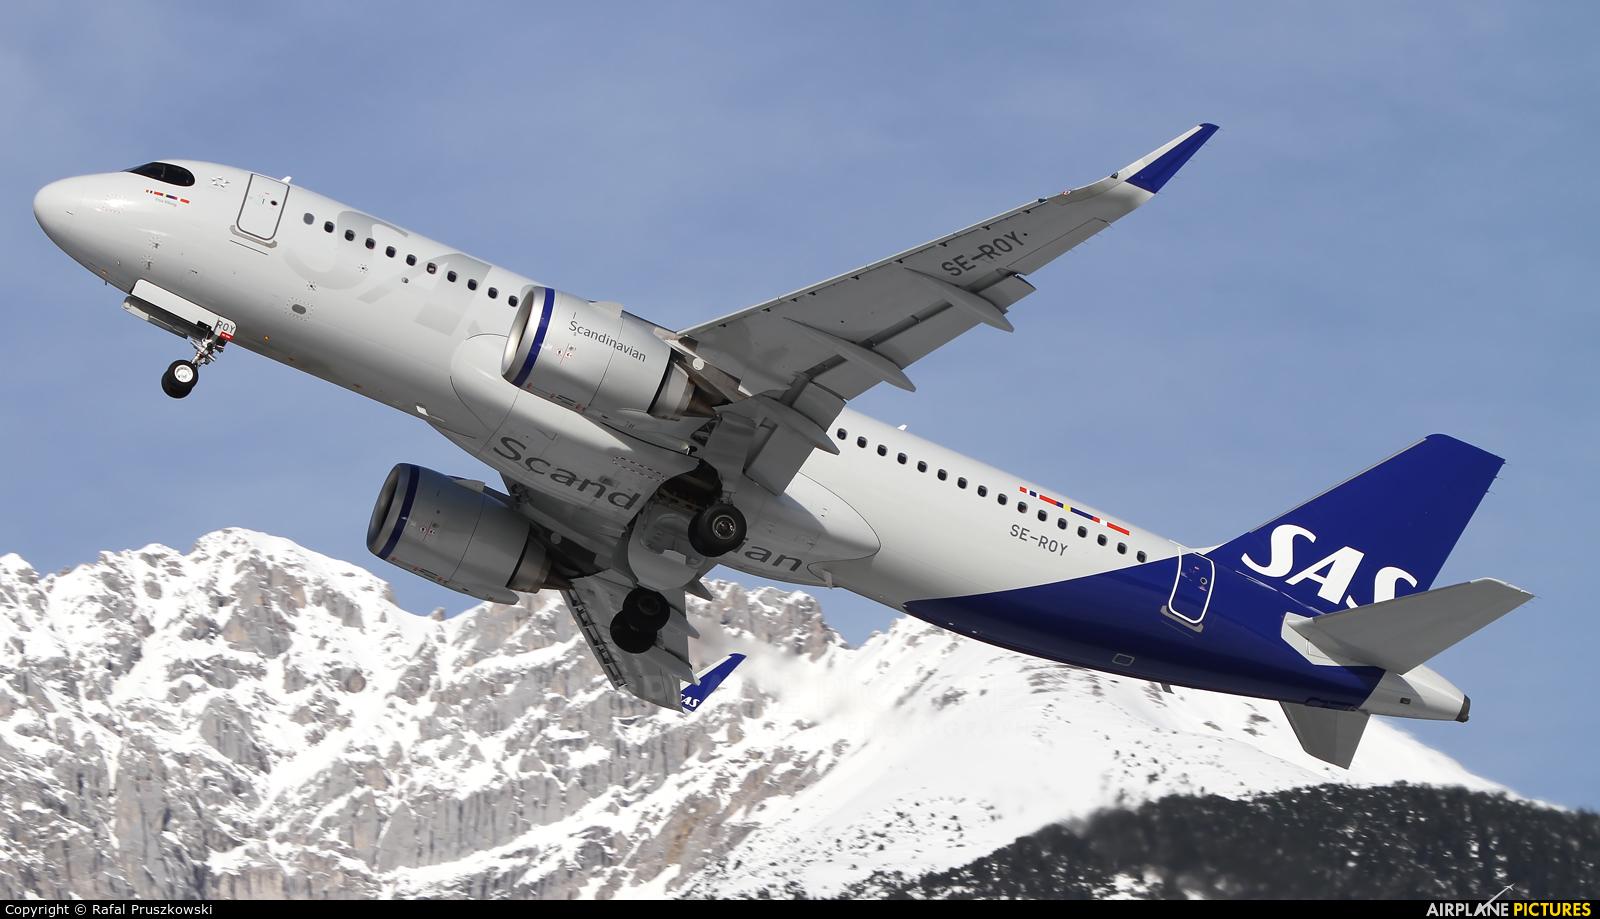 SAS - Scandinavian Airlines SE-ROY aircraft at Innsbruck